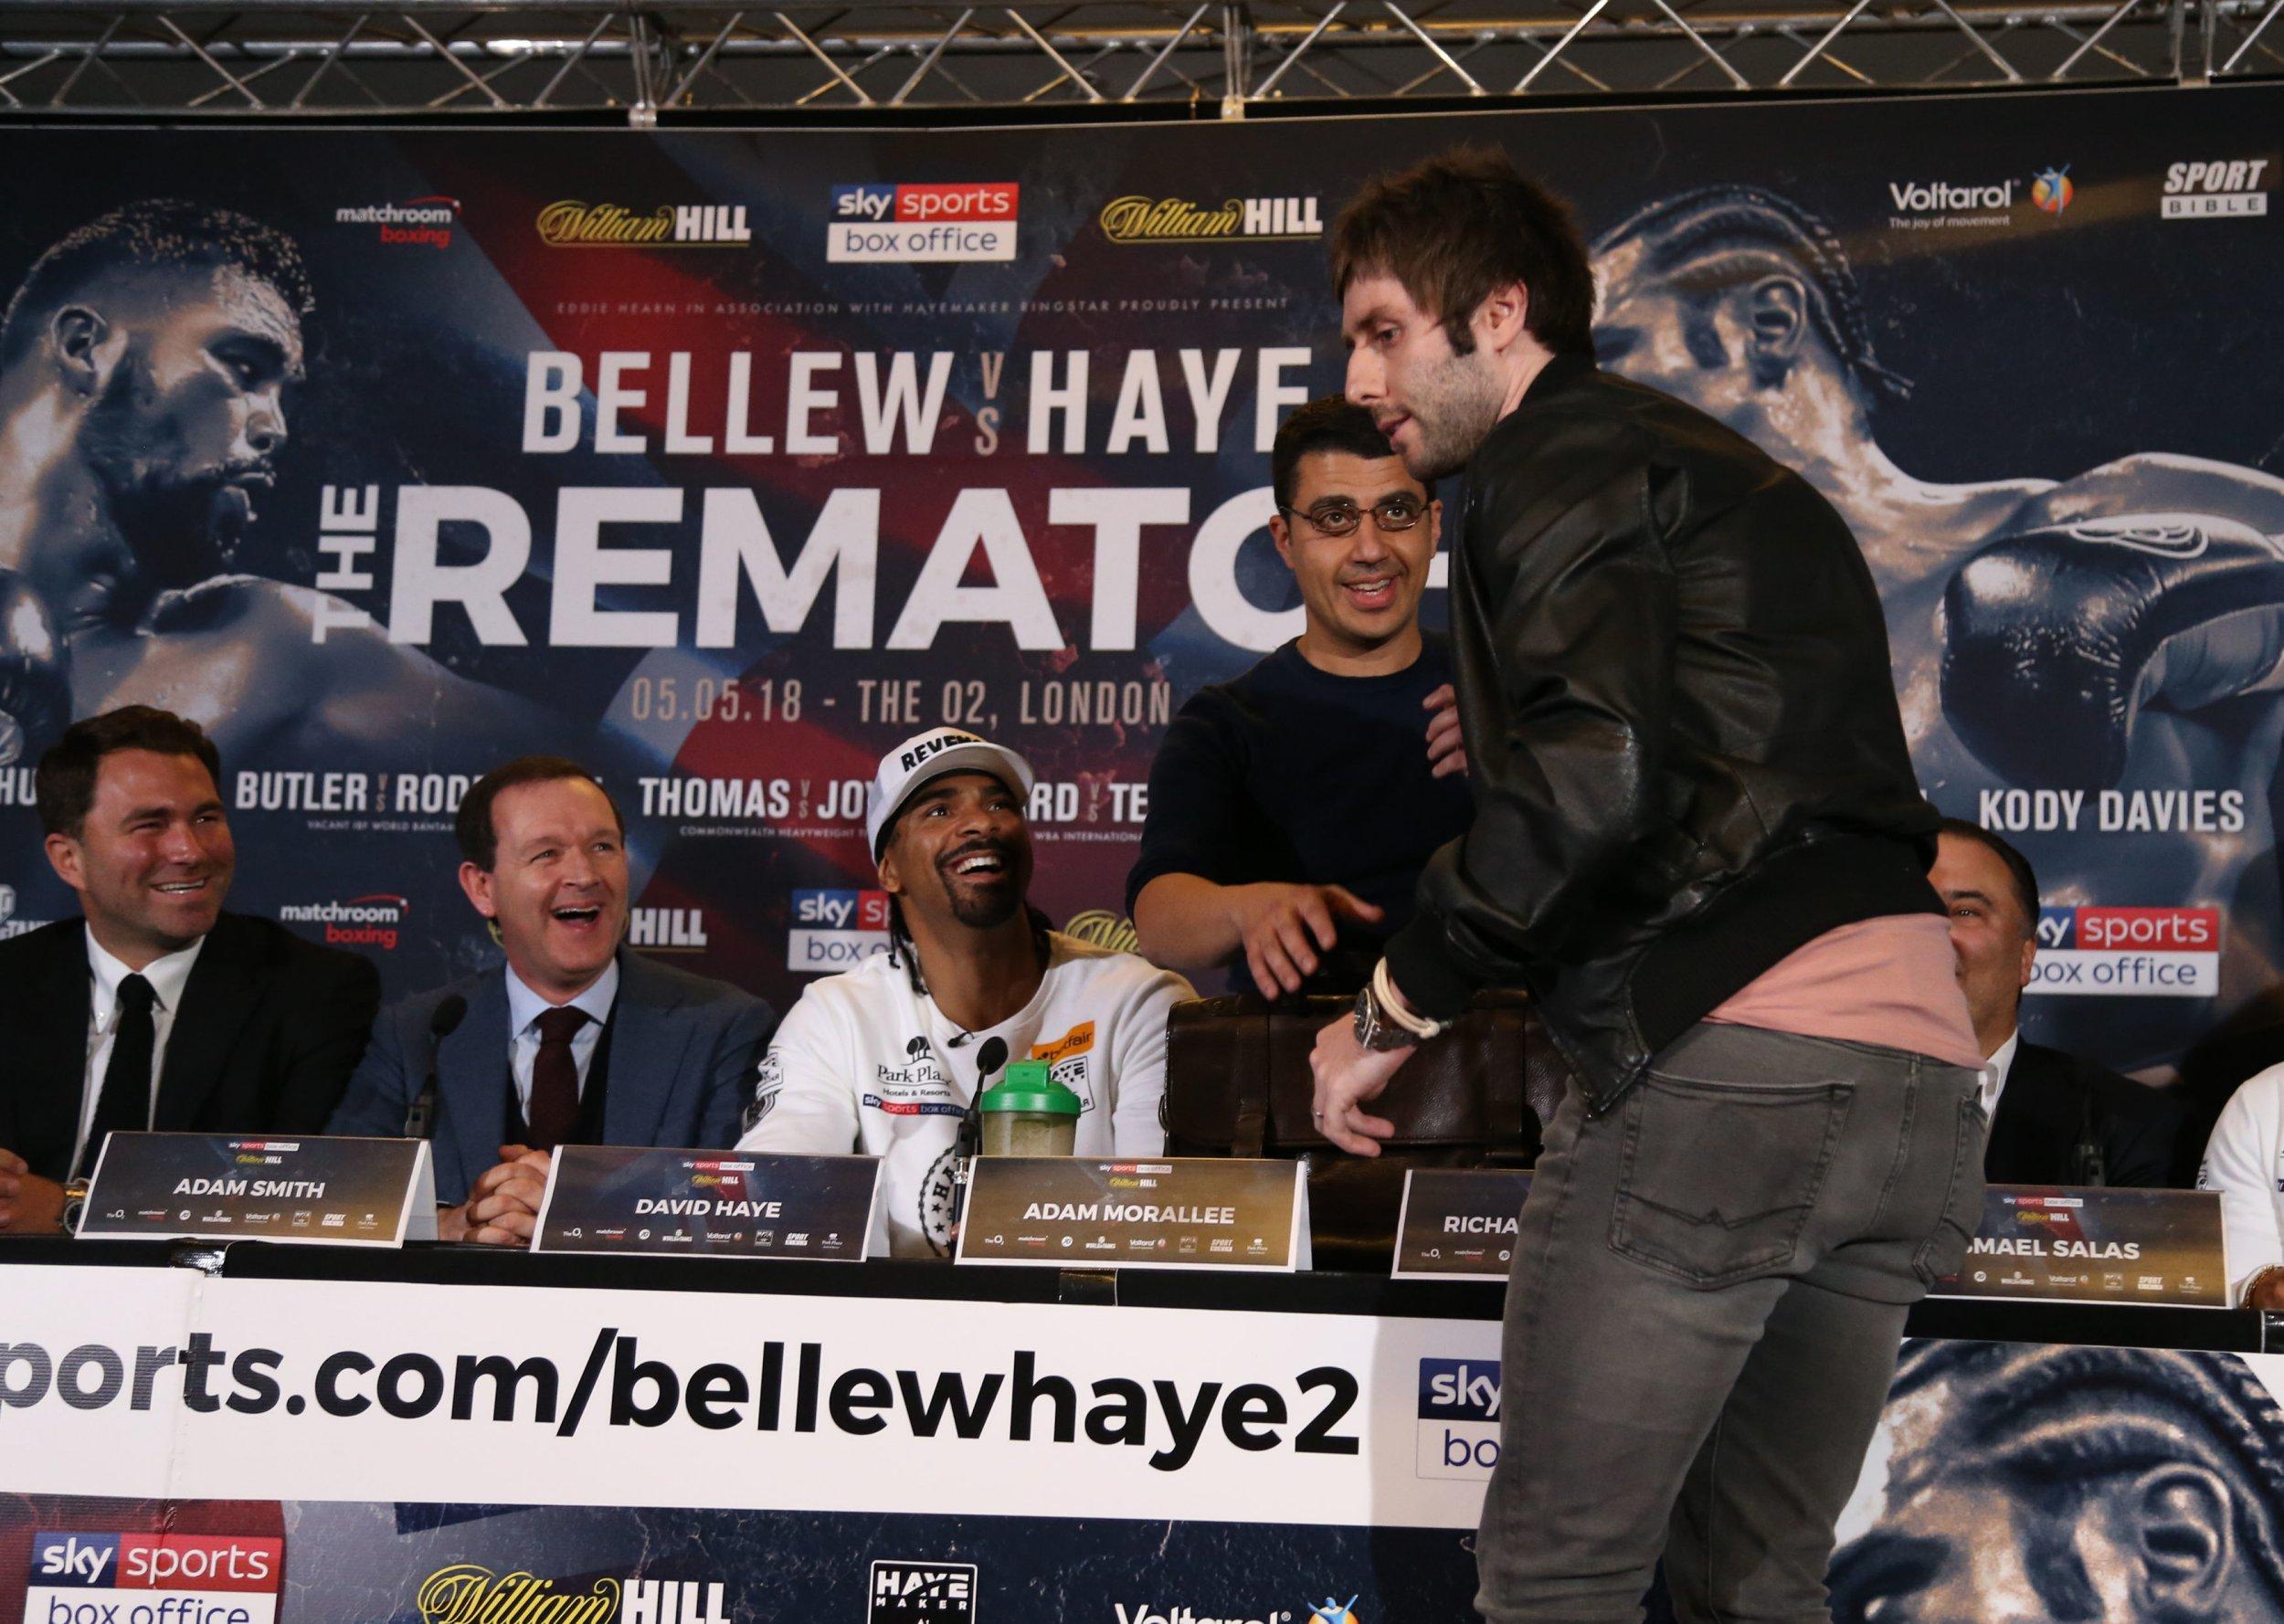 Actor James Buckley gatecrashes Bellew-Haye presser to defend 'Will from the Inbetweeners'